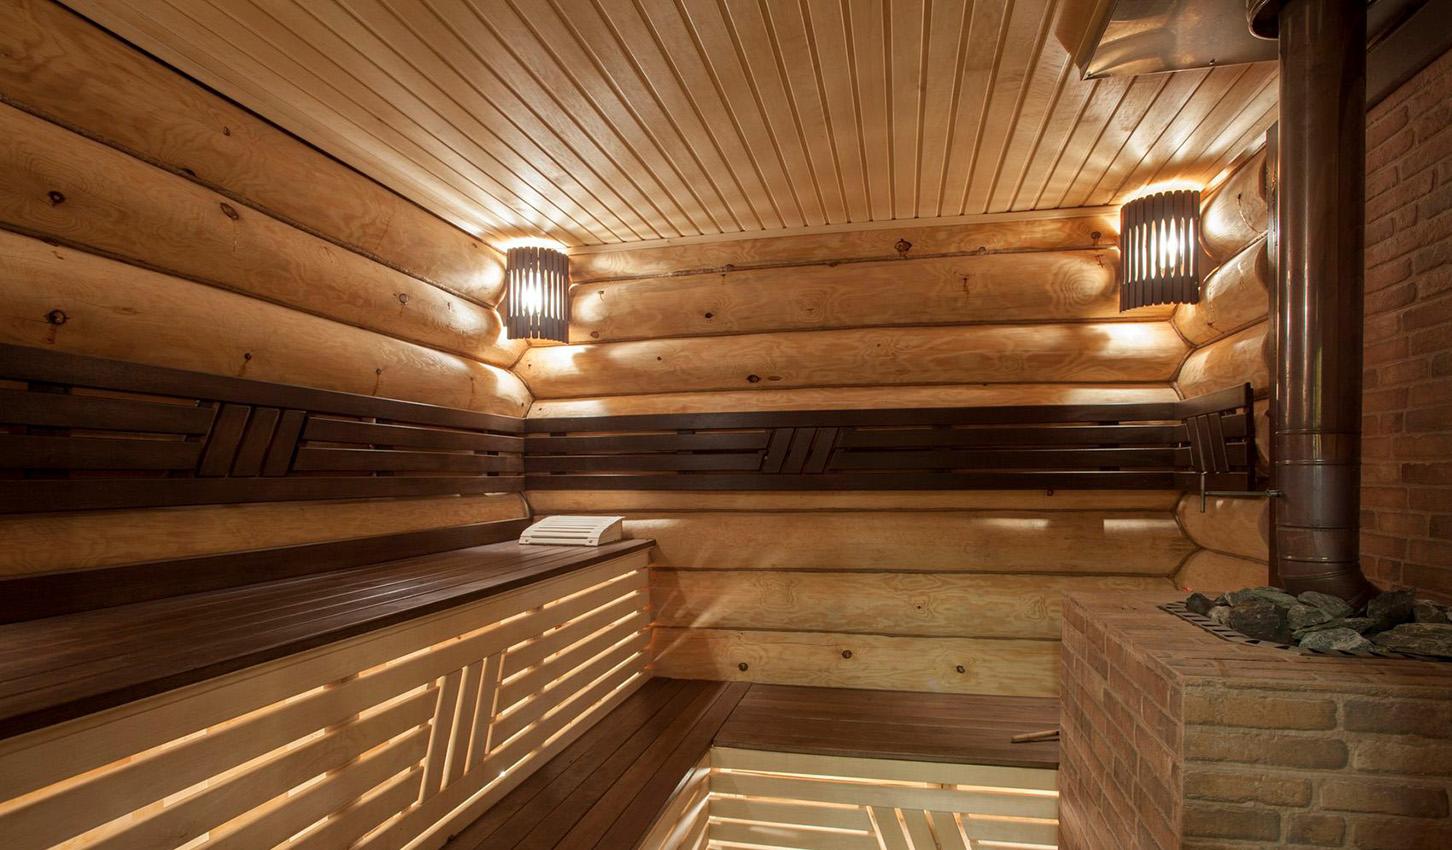 Фото отделки бани внутри вагонкой своими руками